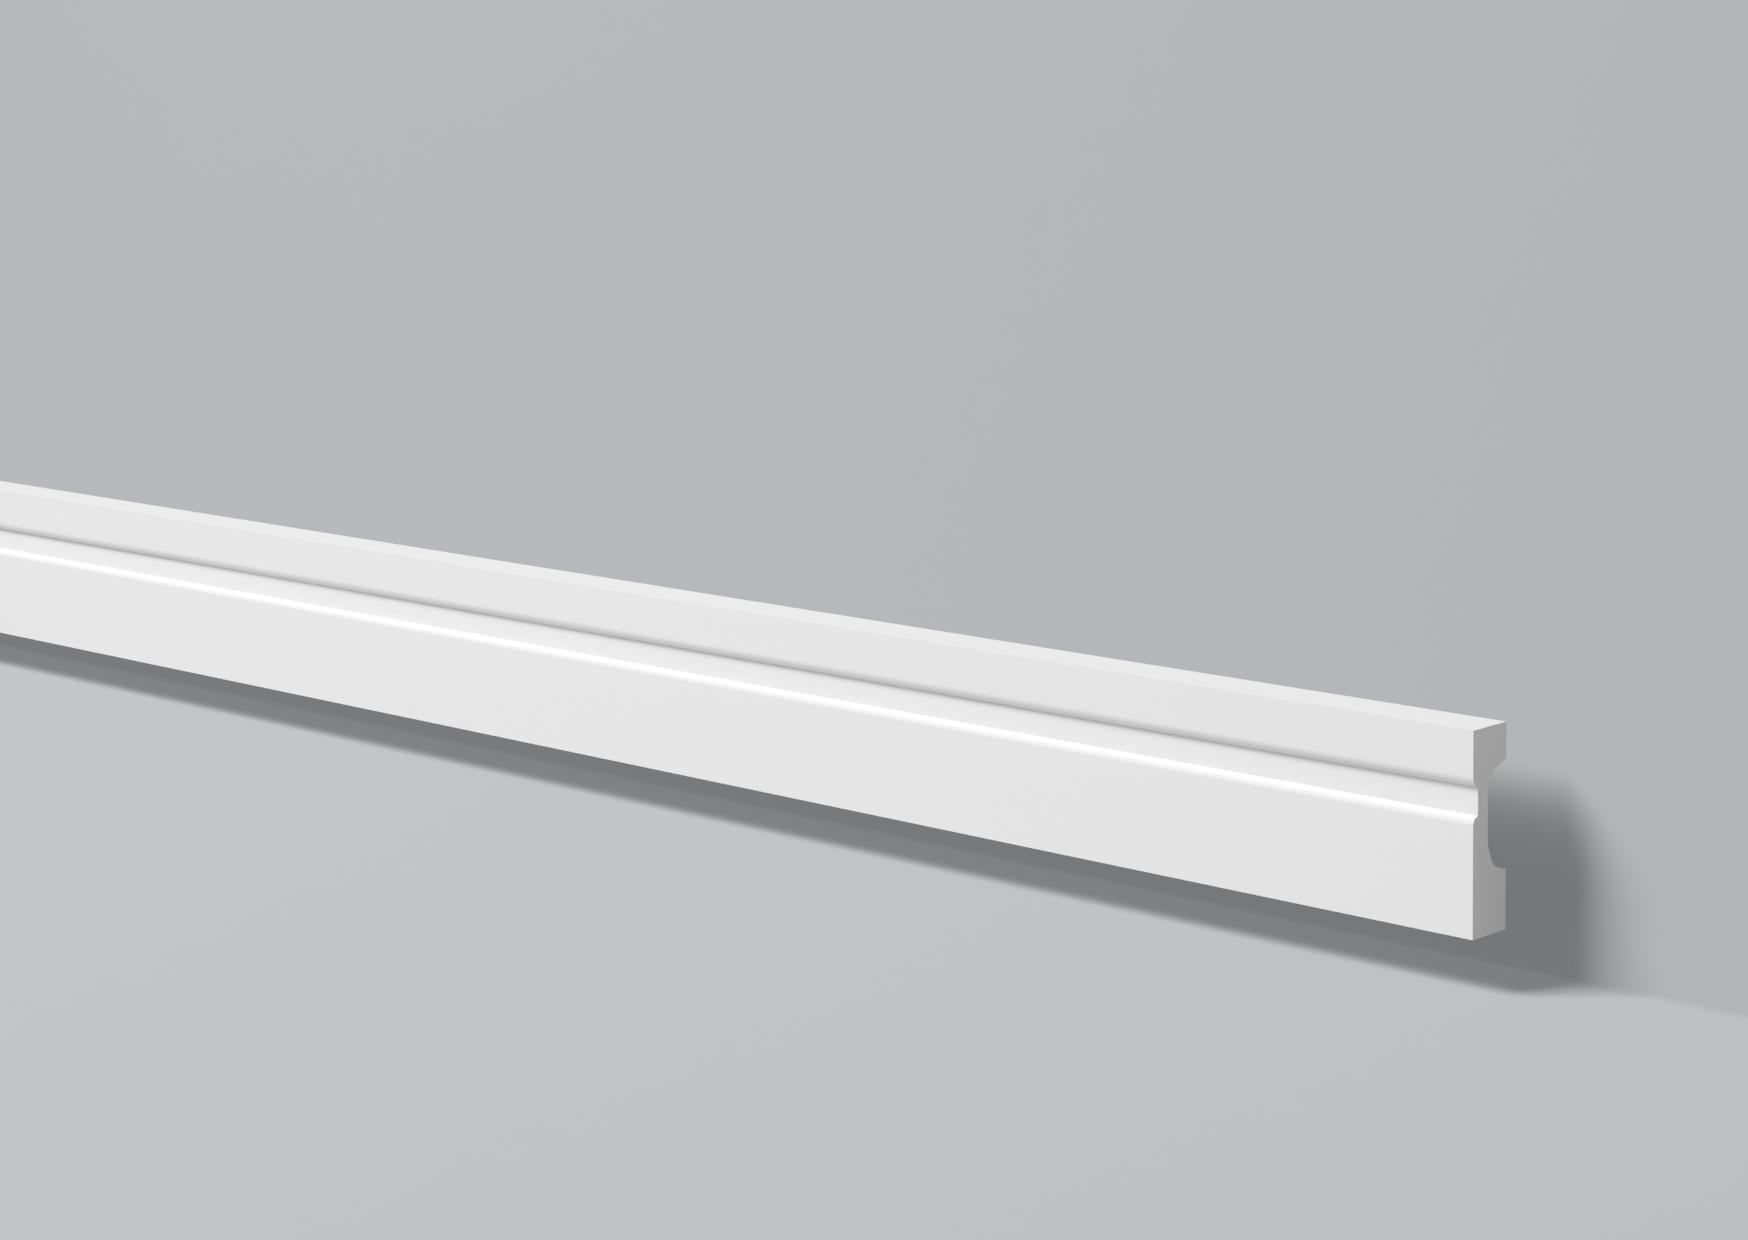 FD7-nmc-moulding-karnize